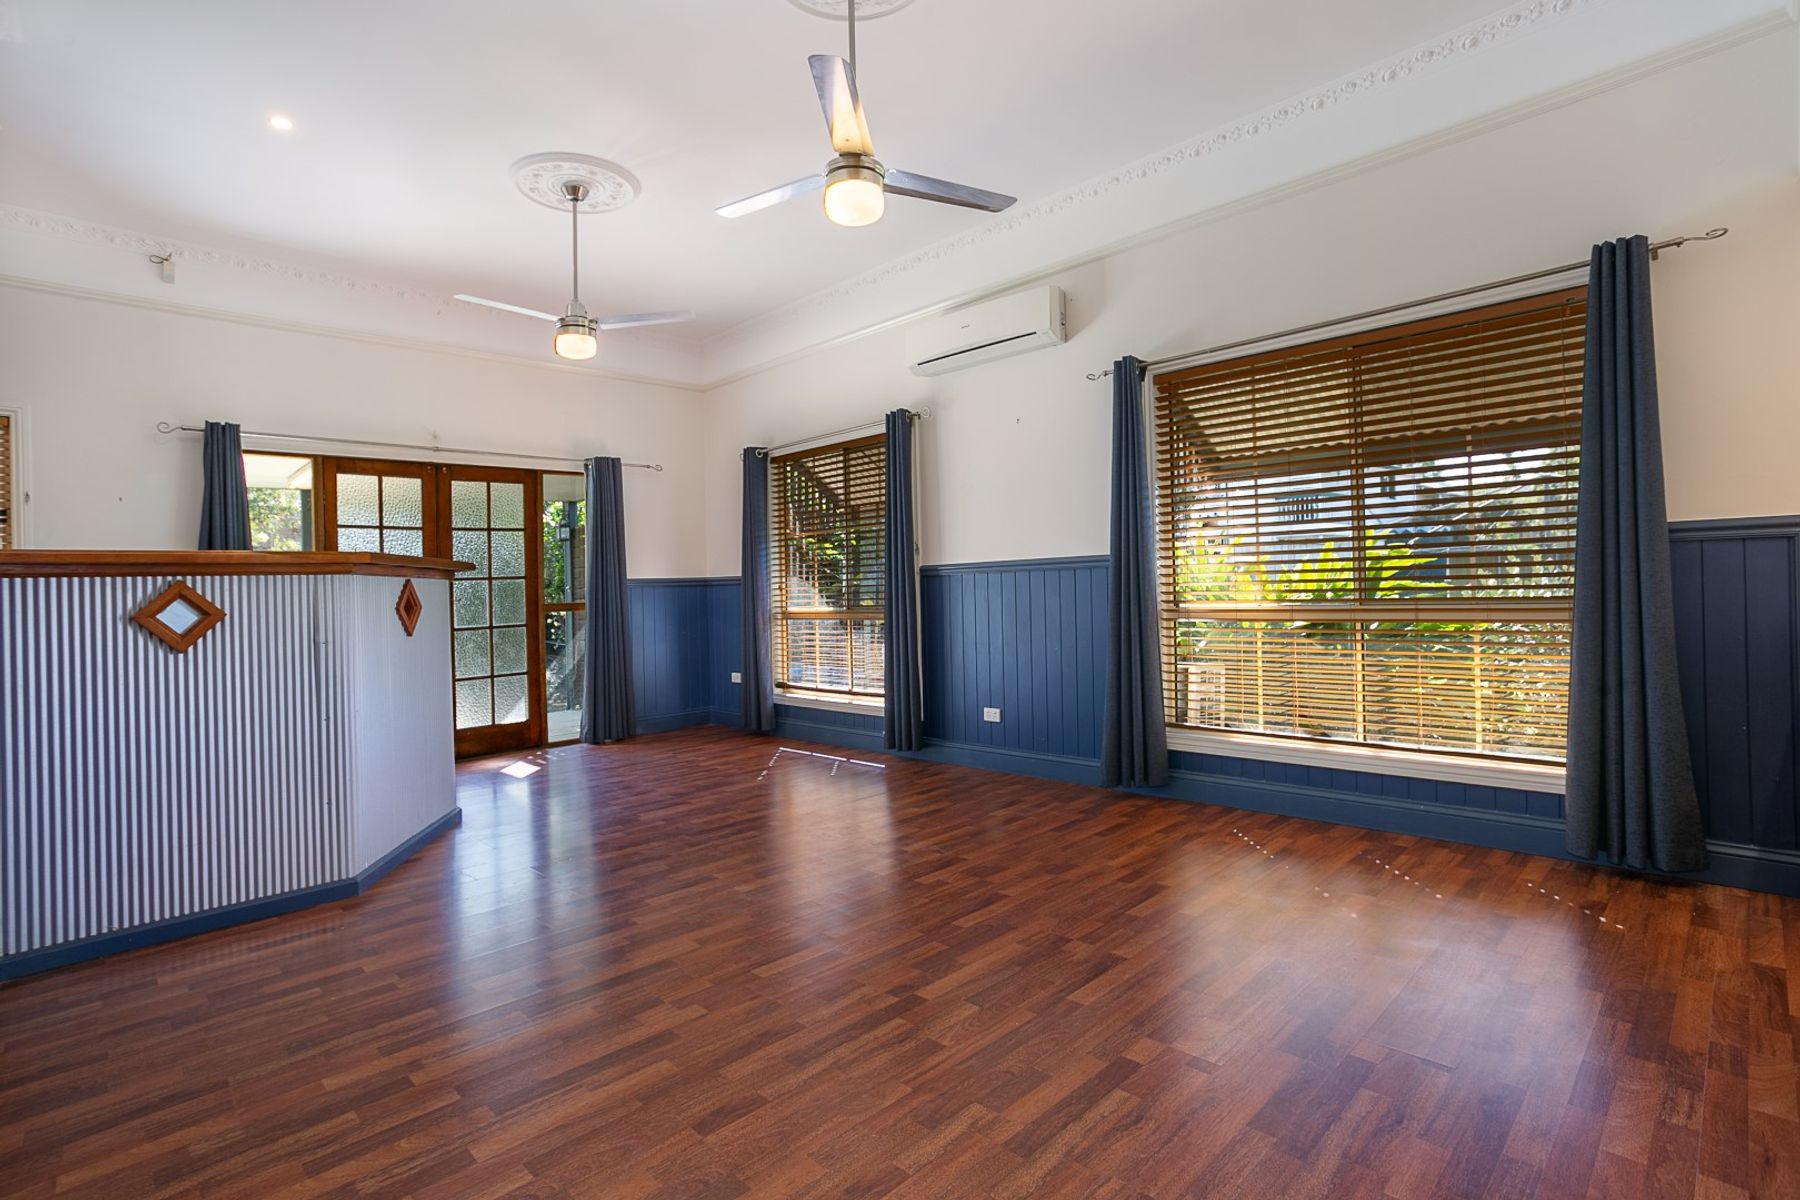 4 W M Hughes Street, North Ipswich, QLD 4305